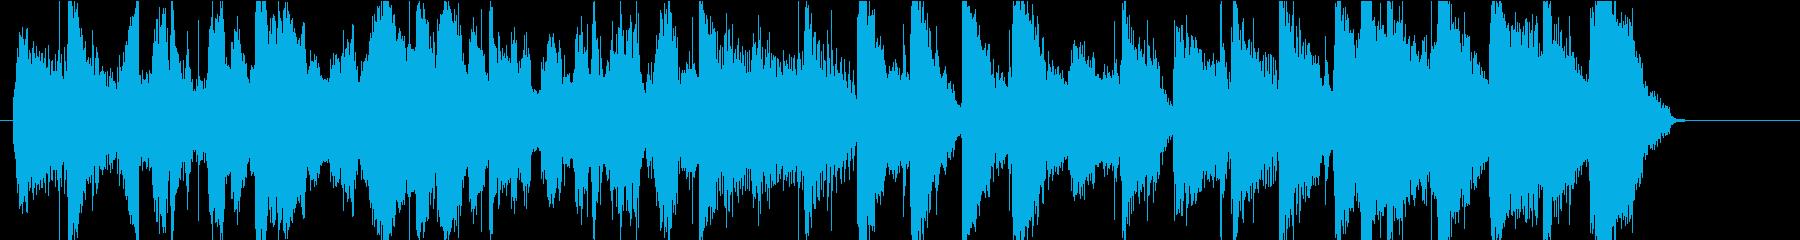 ジングル ブルーグラス カントリーの再生済みの波形